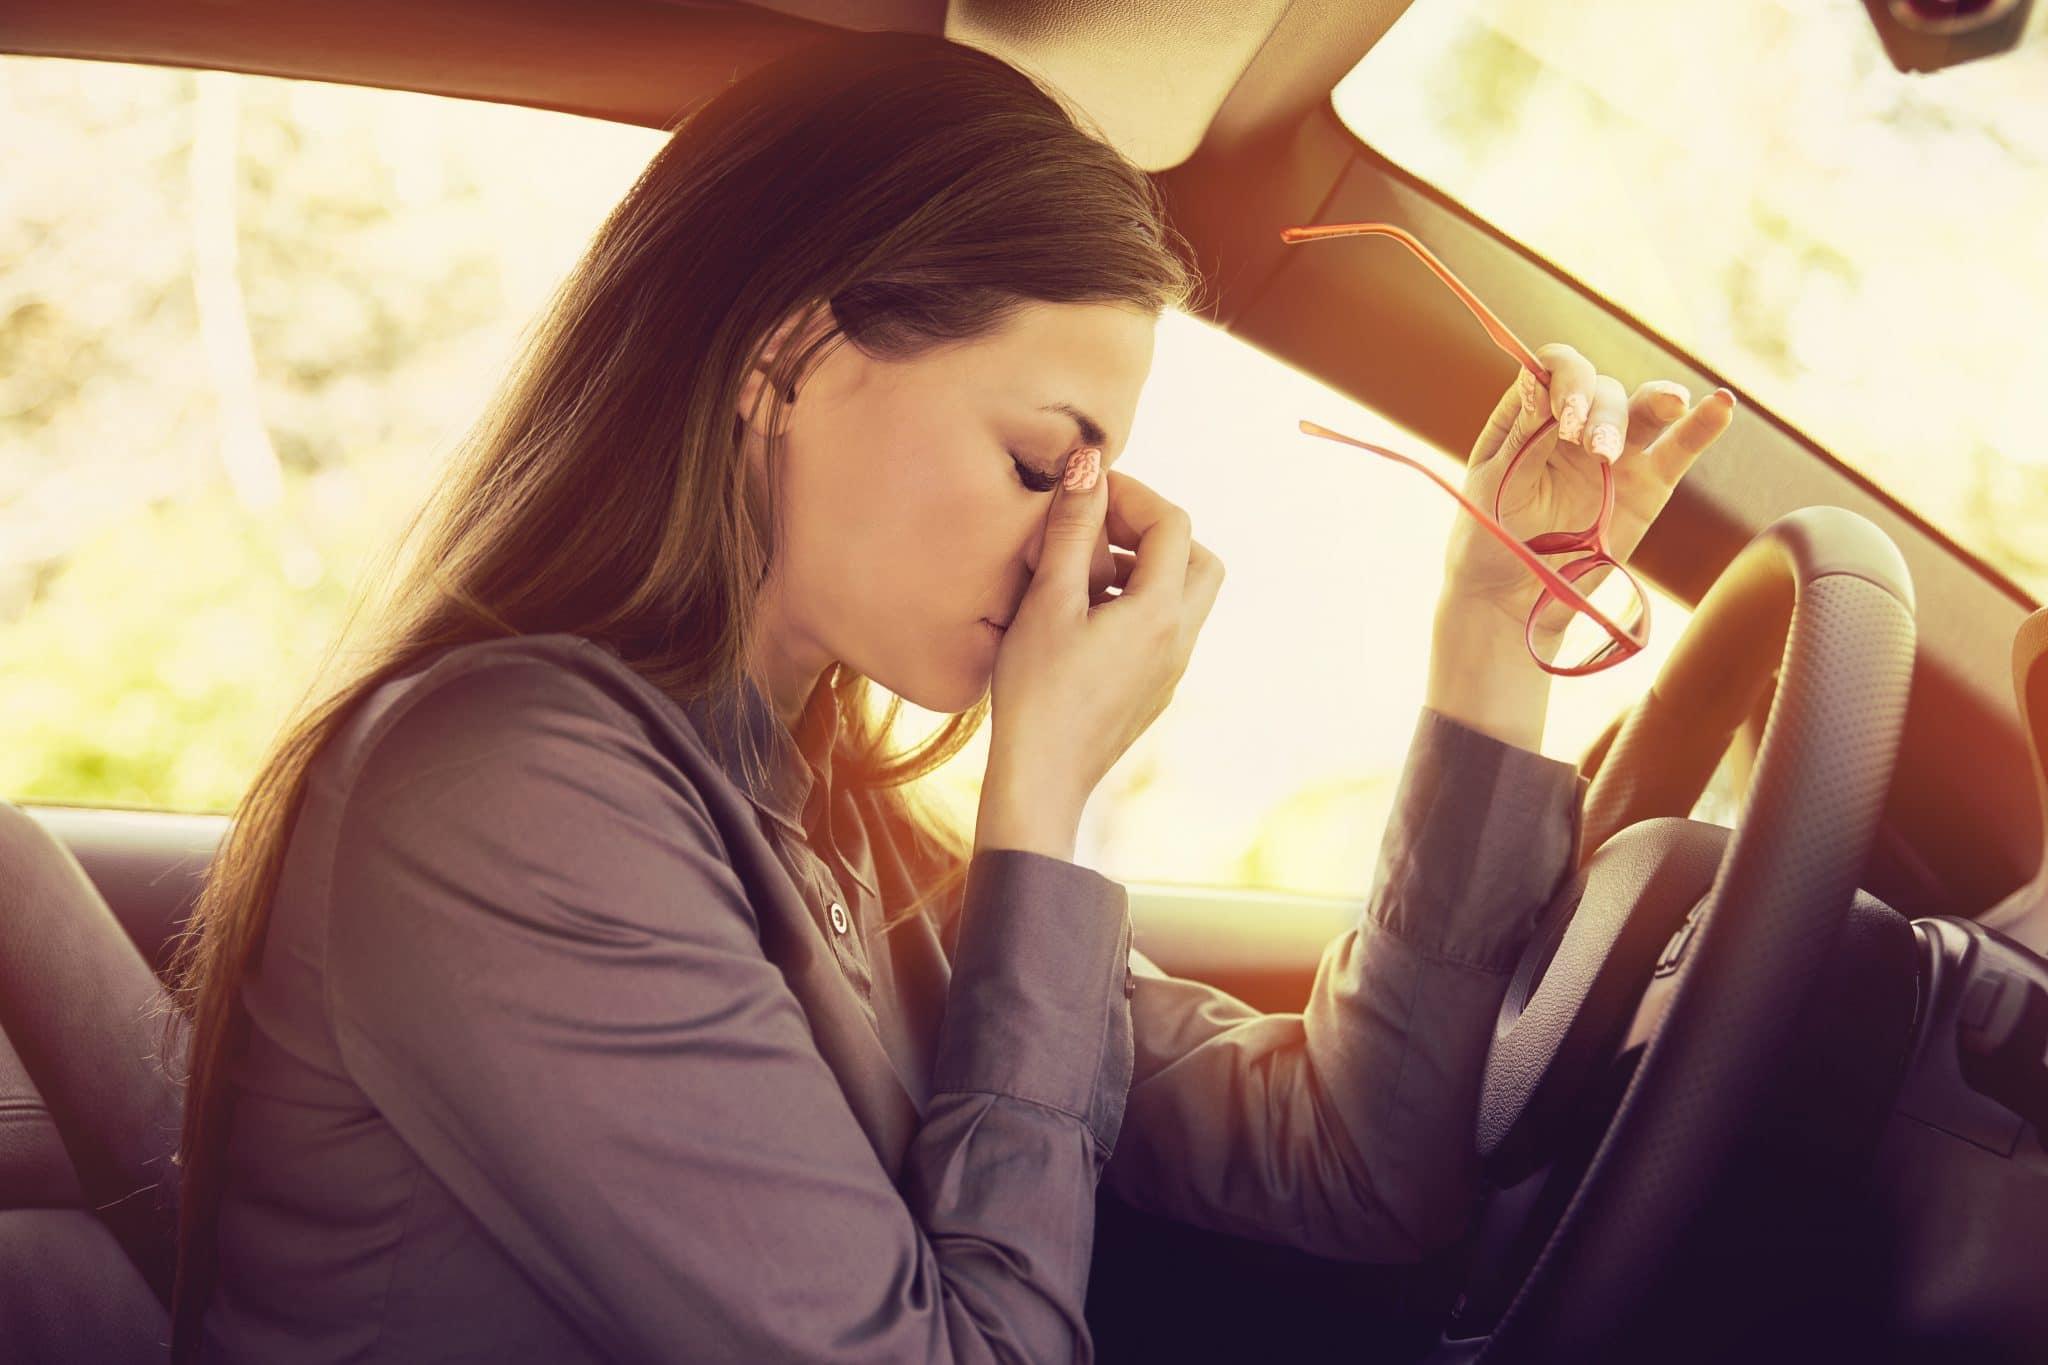 Diese-3-Sternzeichen-sind-die-schlechtesten-Autofahrer